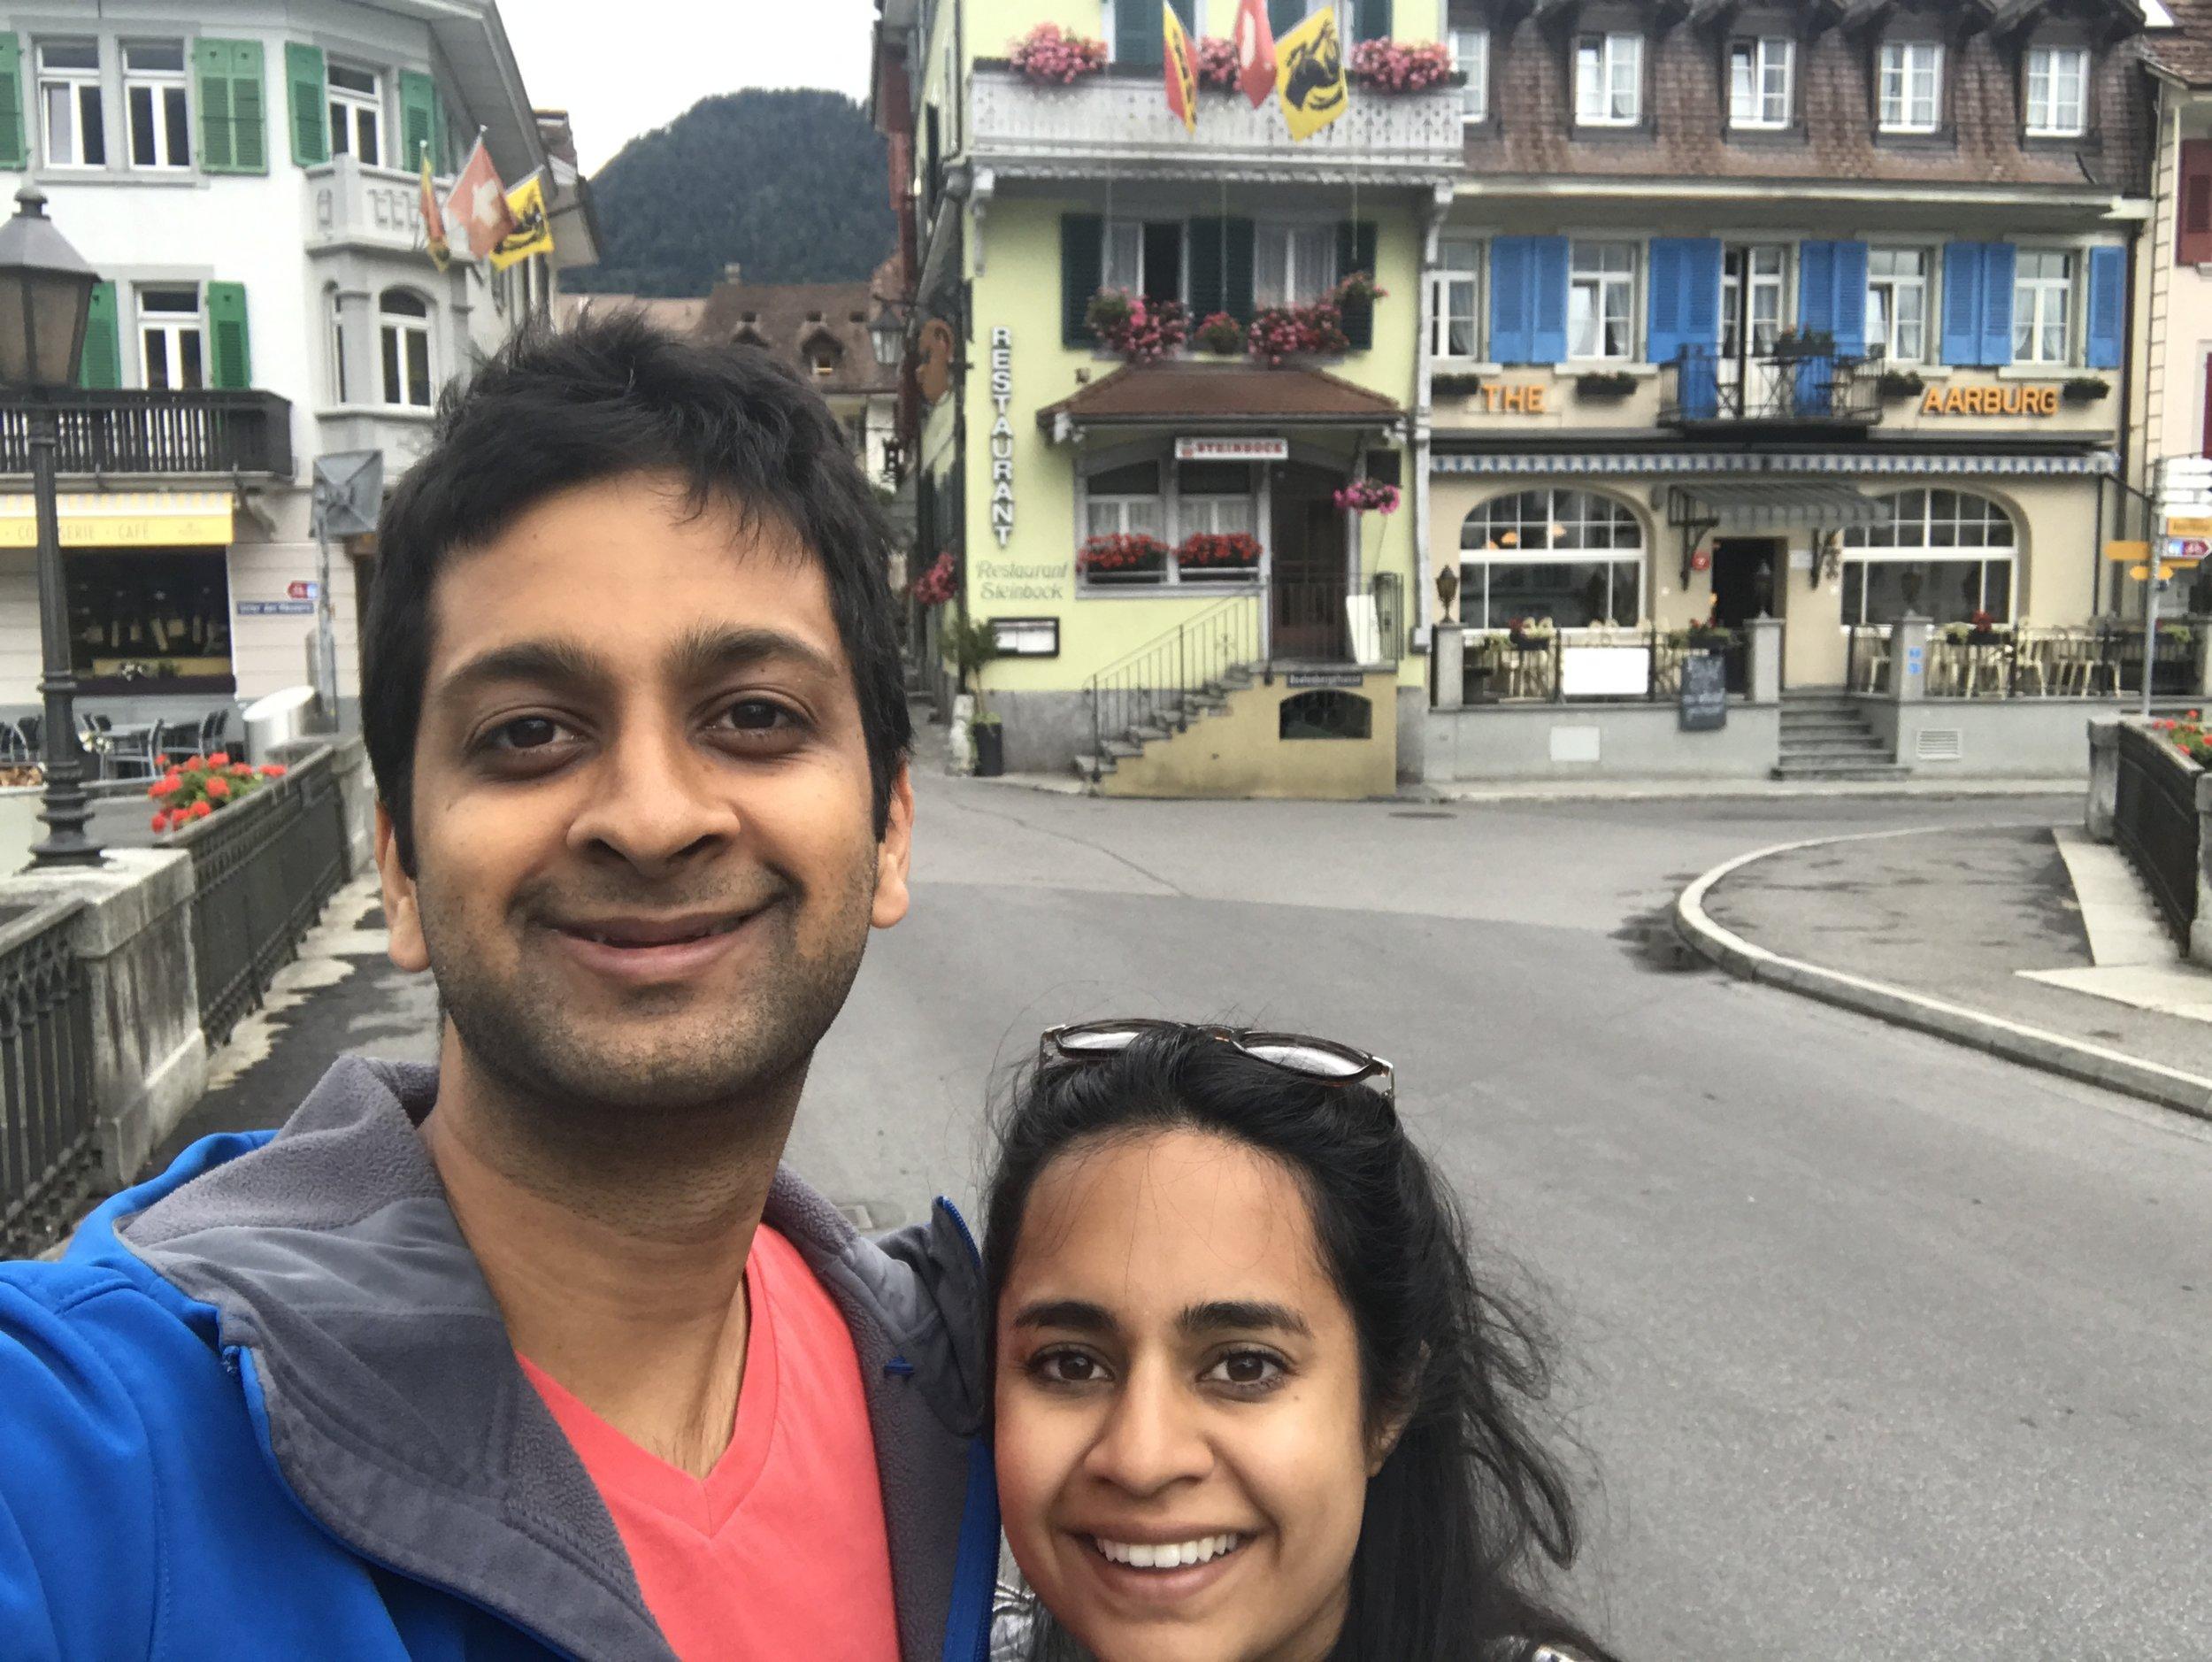 The Aaburg Hotel in Interlaken